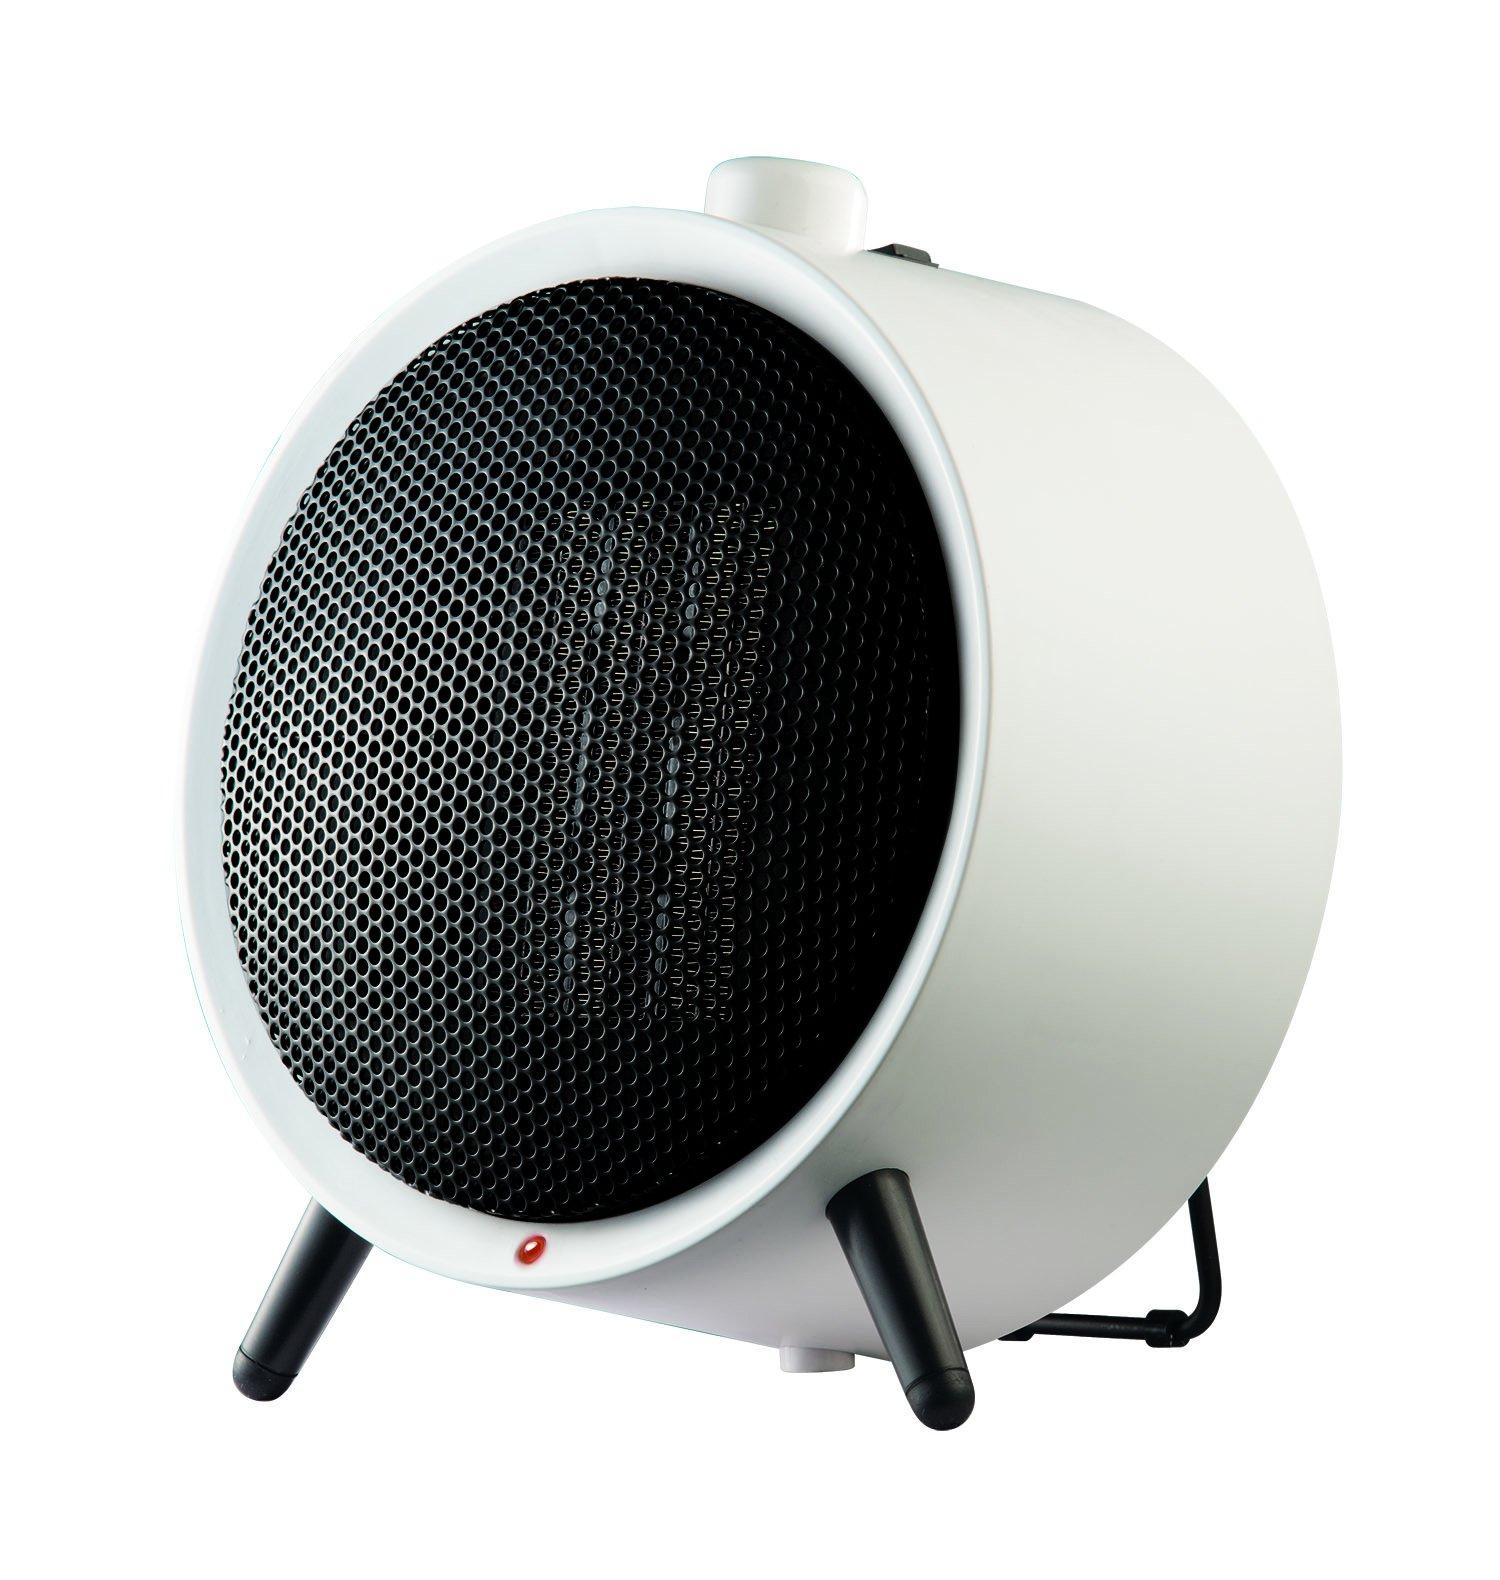 Honeywell HCE200W UberHeat Ceramic Heater, White